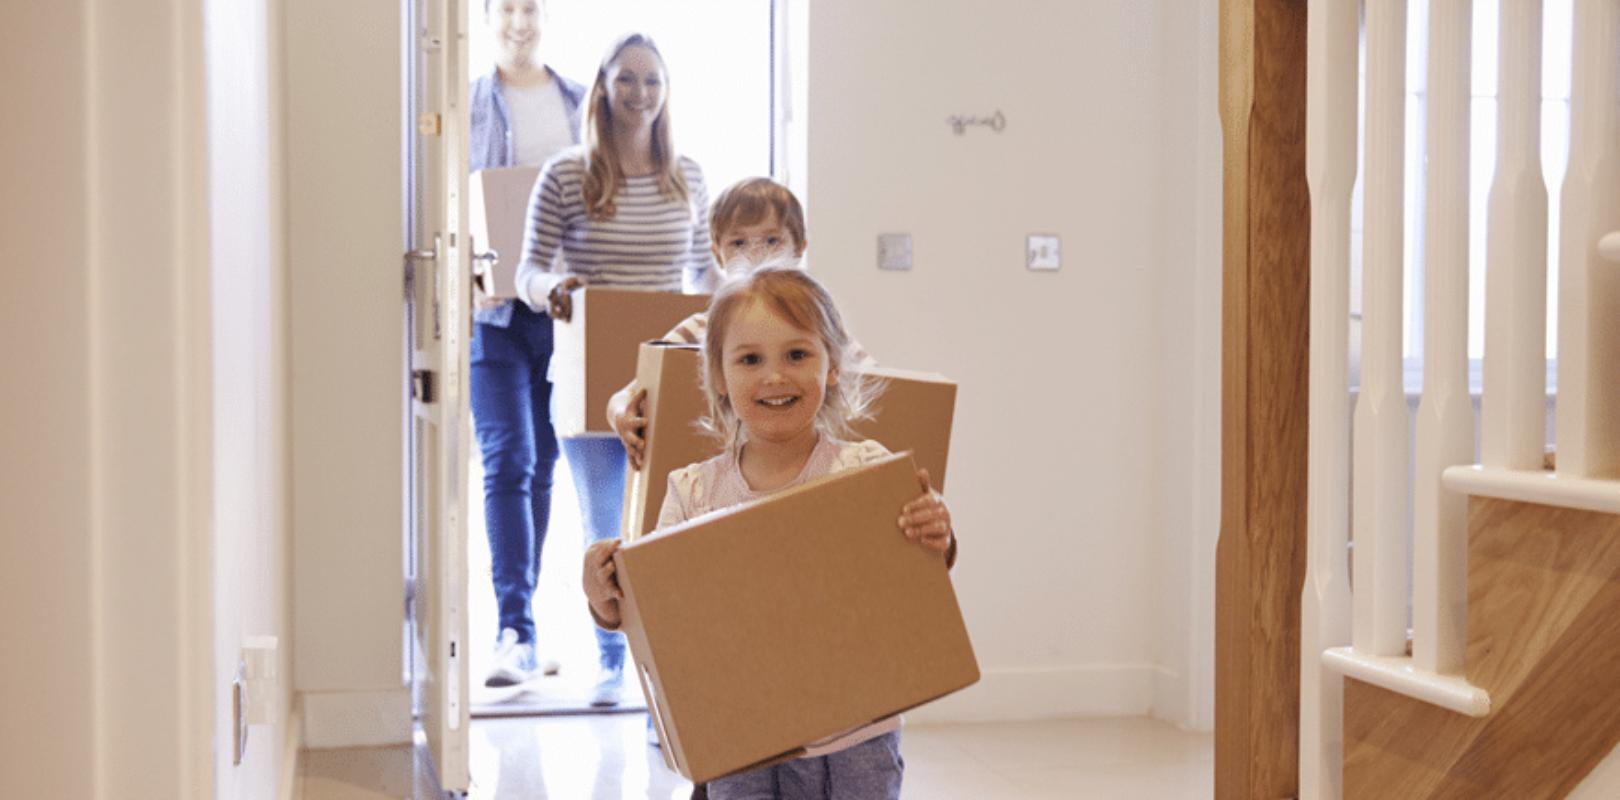 umzug mit kindern so zieht ihr mit wenig stress ins neue. Black Bedroom Furniture Sets. Home Design Ideas